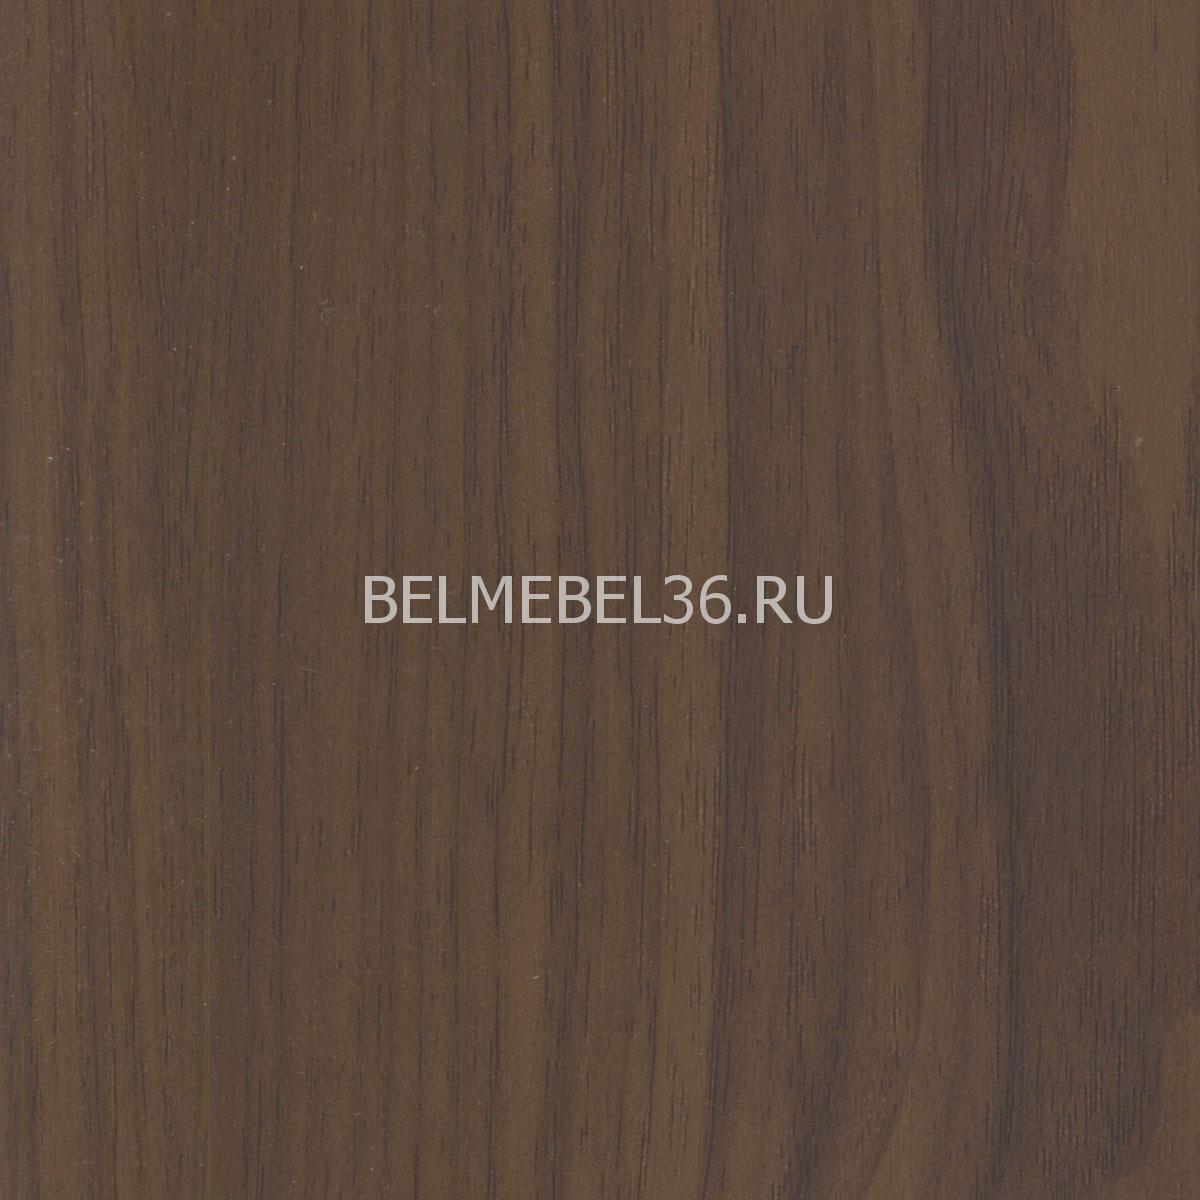 Диван Минор (угловой) П-Д086   Белорусская мебель в Воронеже